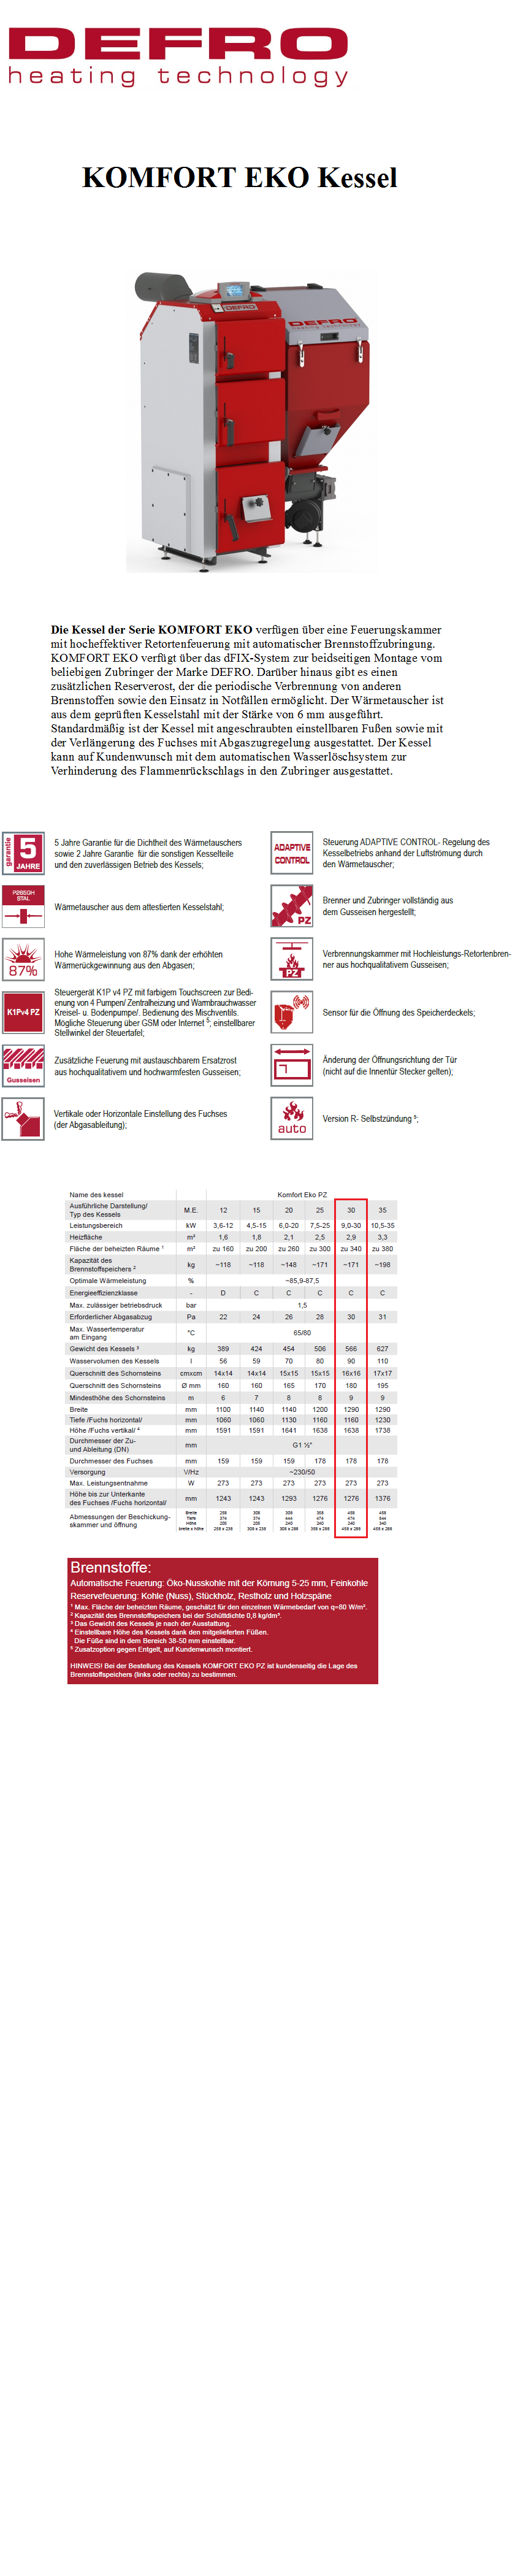 Groß Wie Man Einen Kessel Betreibt Bilder - Elektrische Schaltplan ...